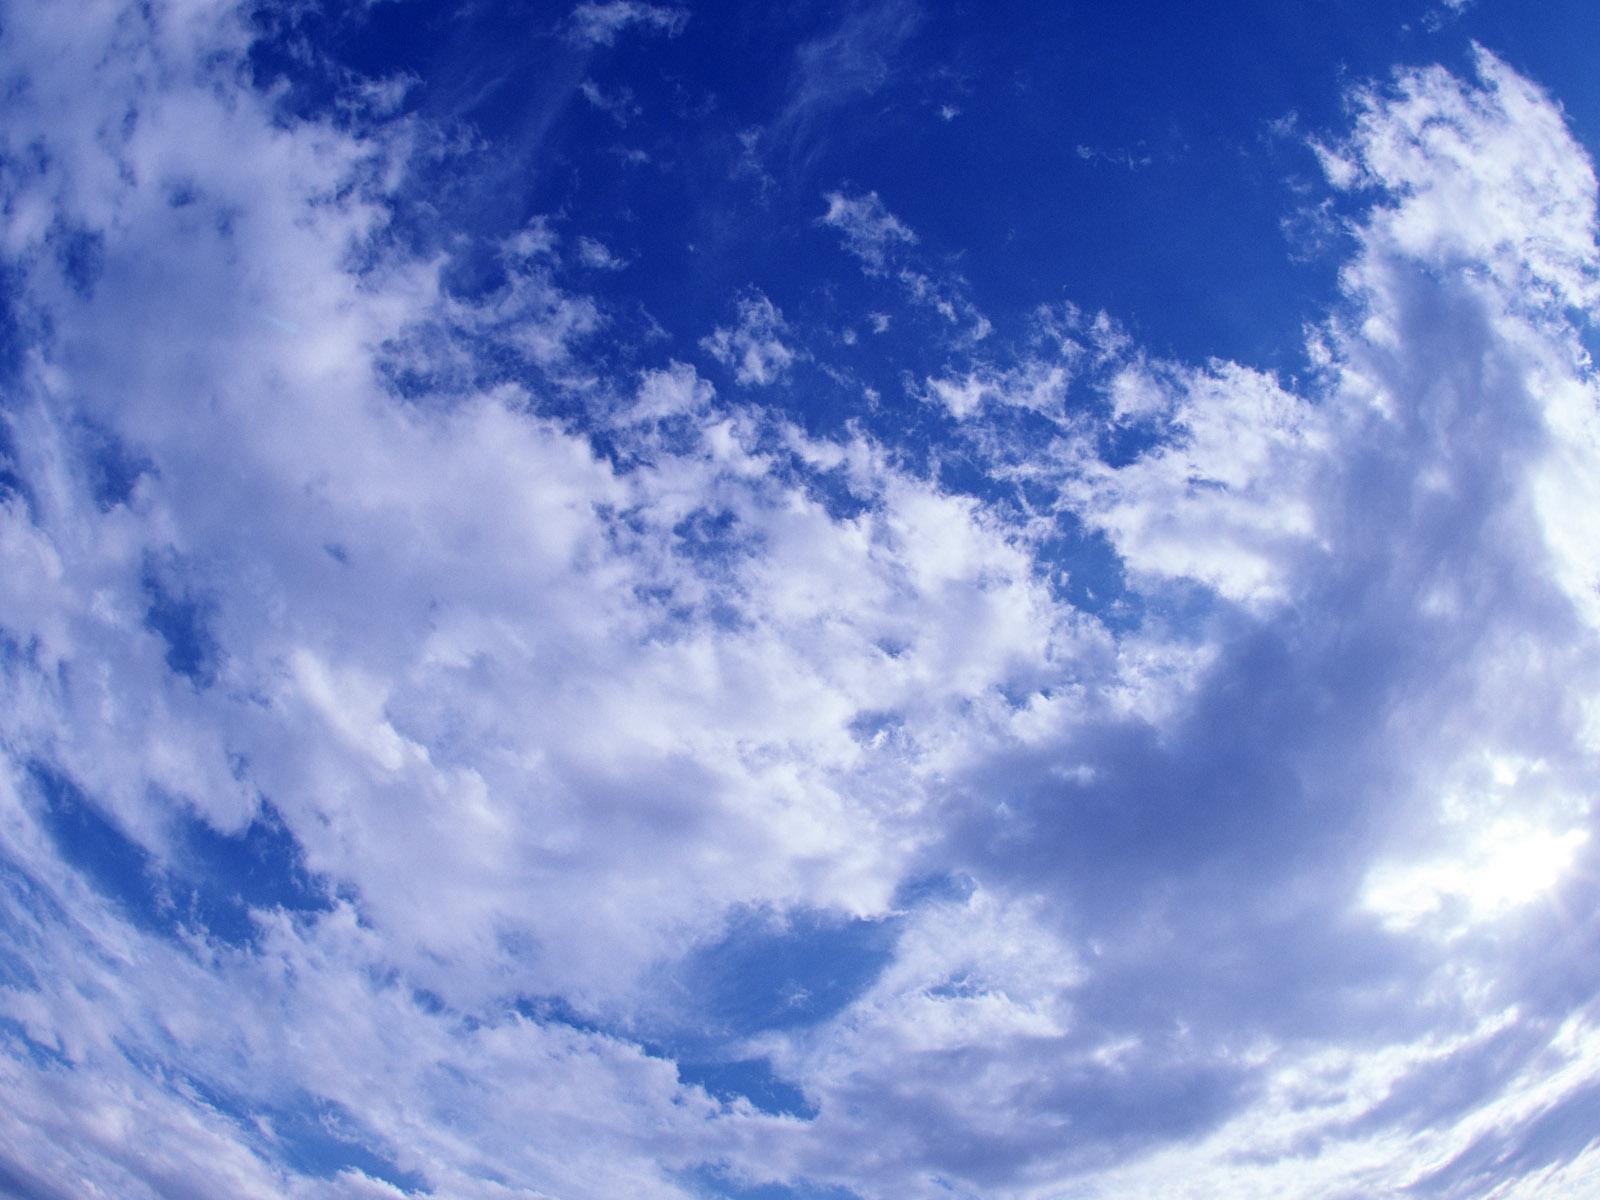 http://4.bp.blogspot.com/-AbABp1dX4Hs/USD5VhGD1iI/AAAAAAAAAT8/xzTH8ShrL0c/s1600/44-blue-and-white-wallpaper.jpg